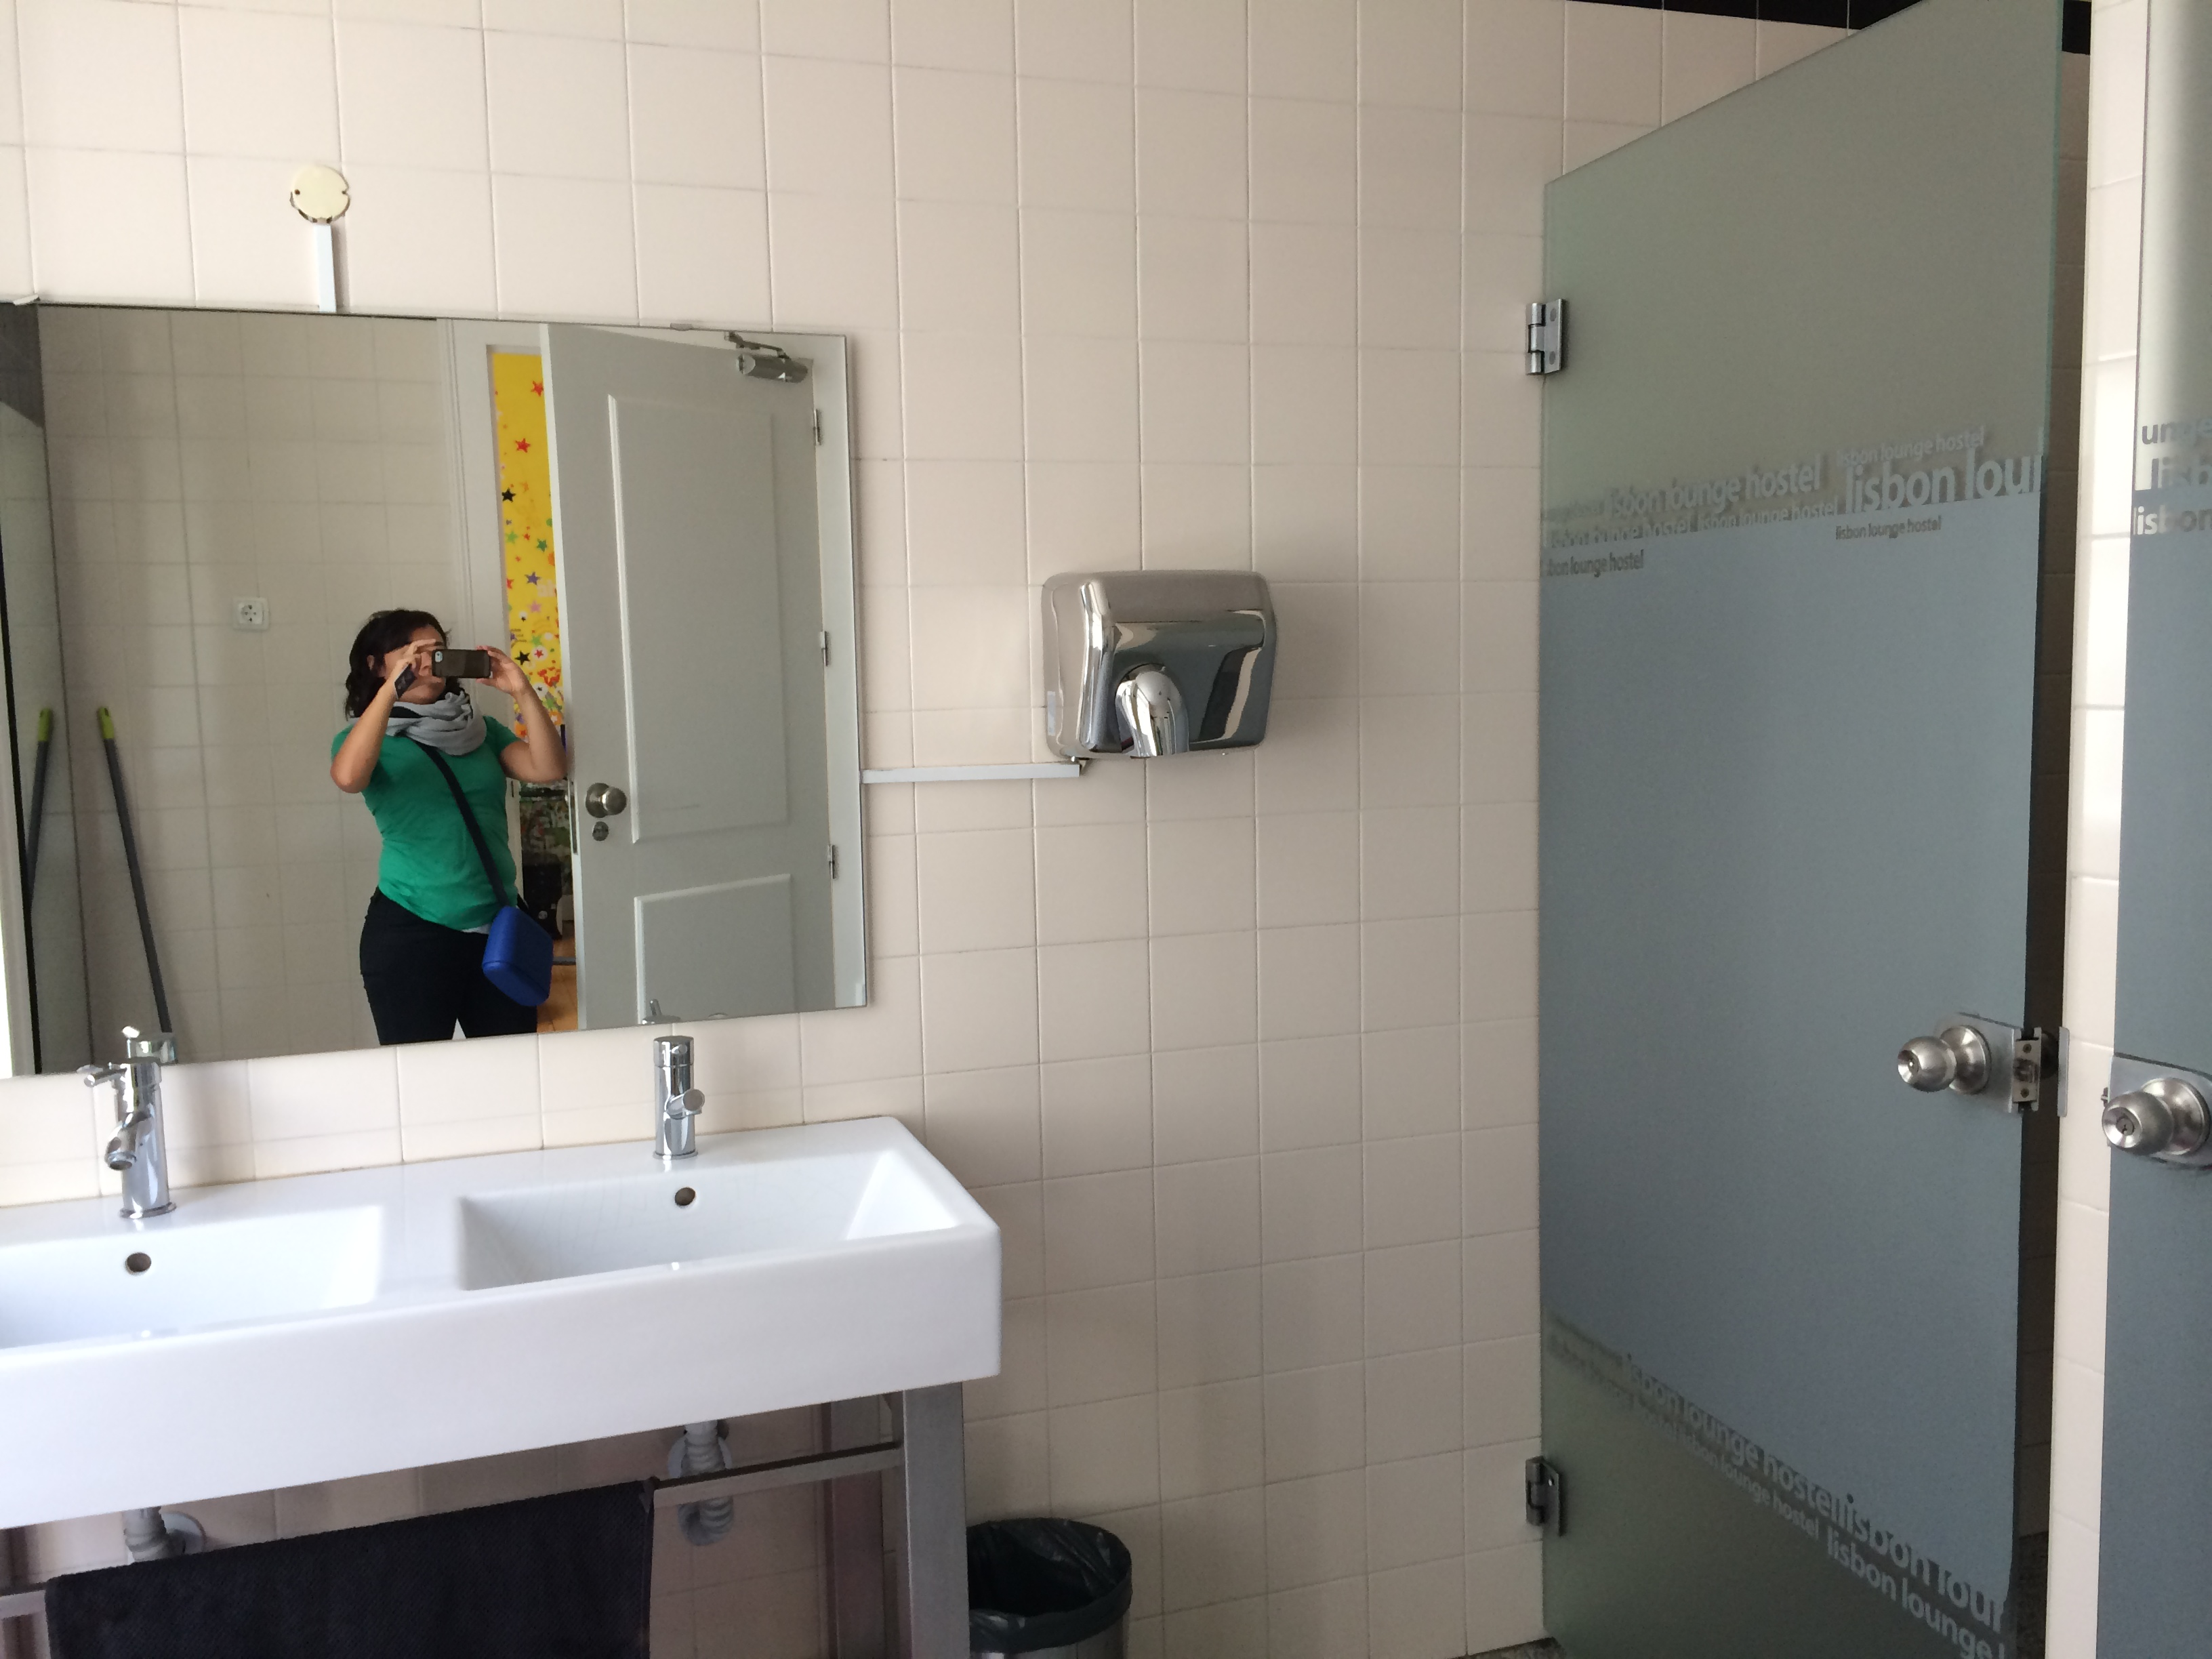 bathroom selfie gone bad